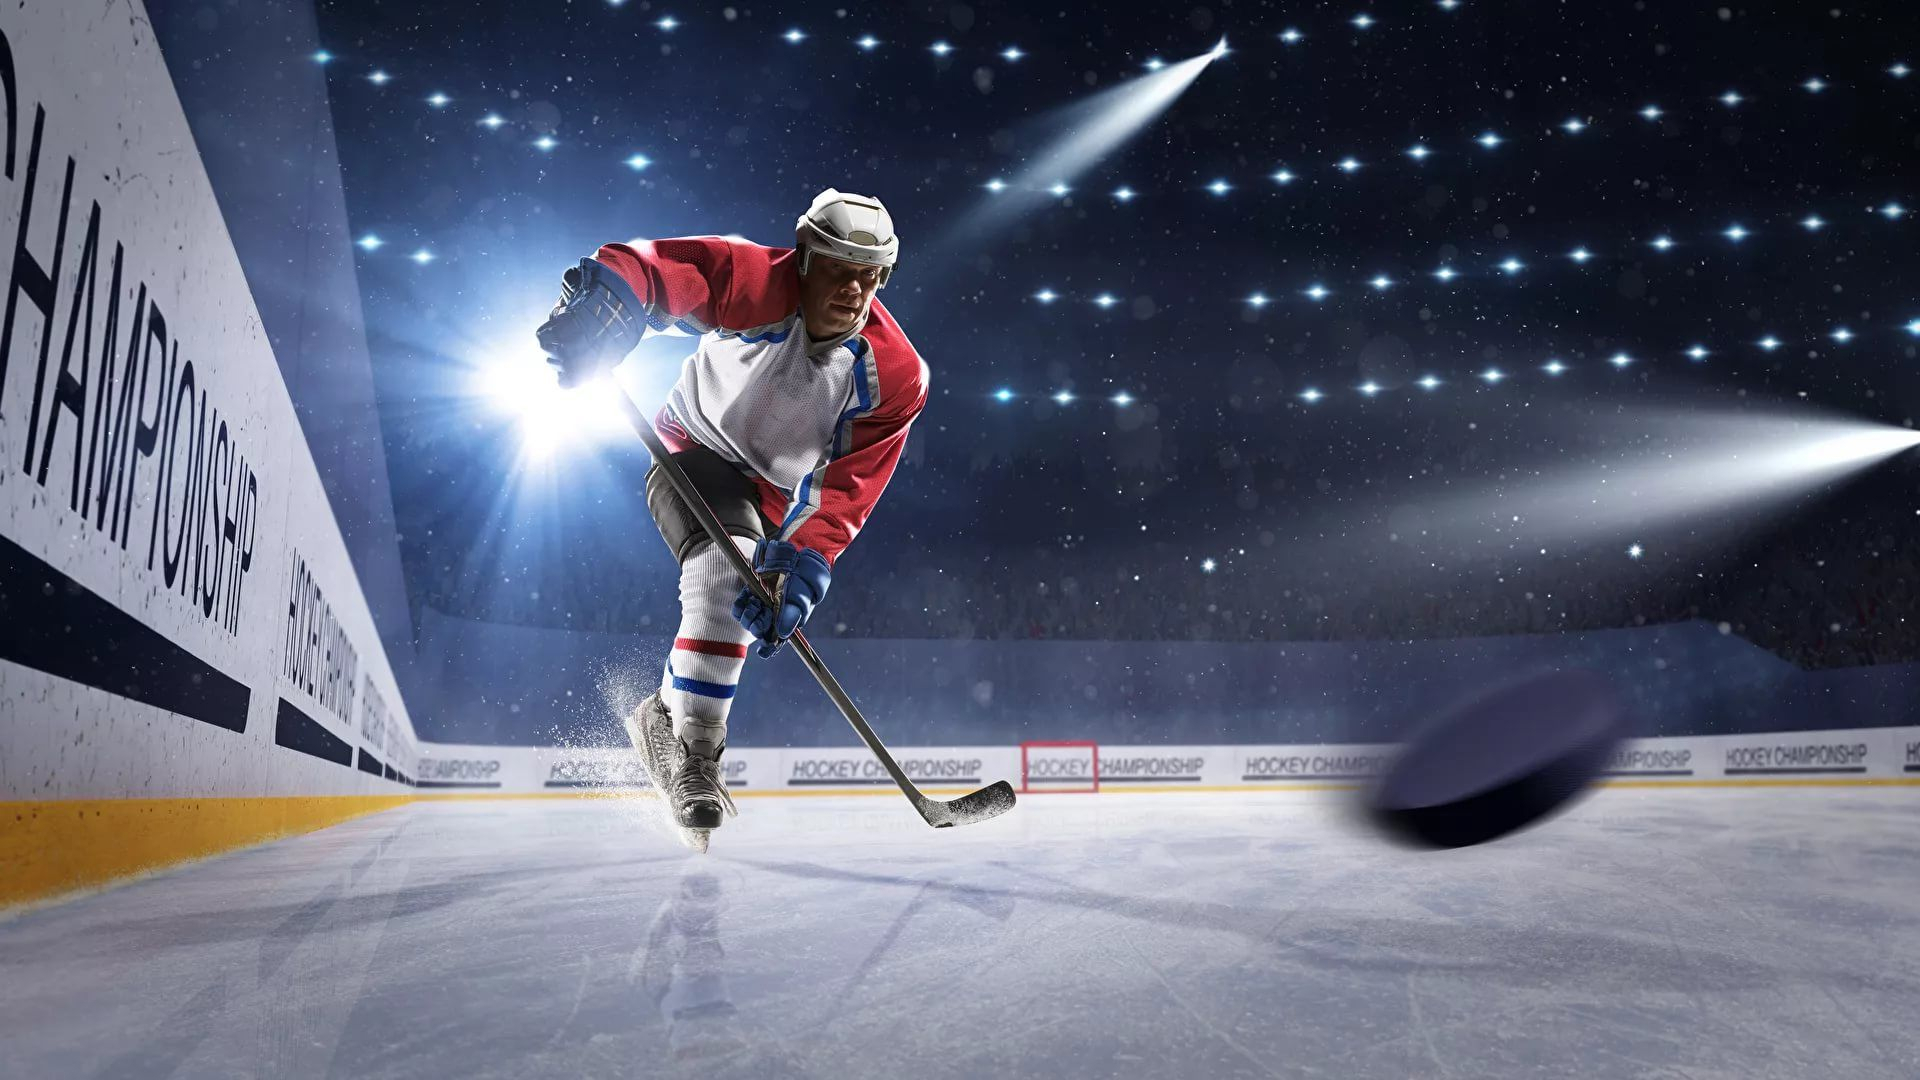 beste Hockey-Spiele für Android